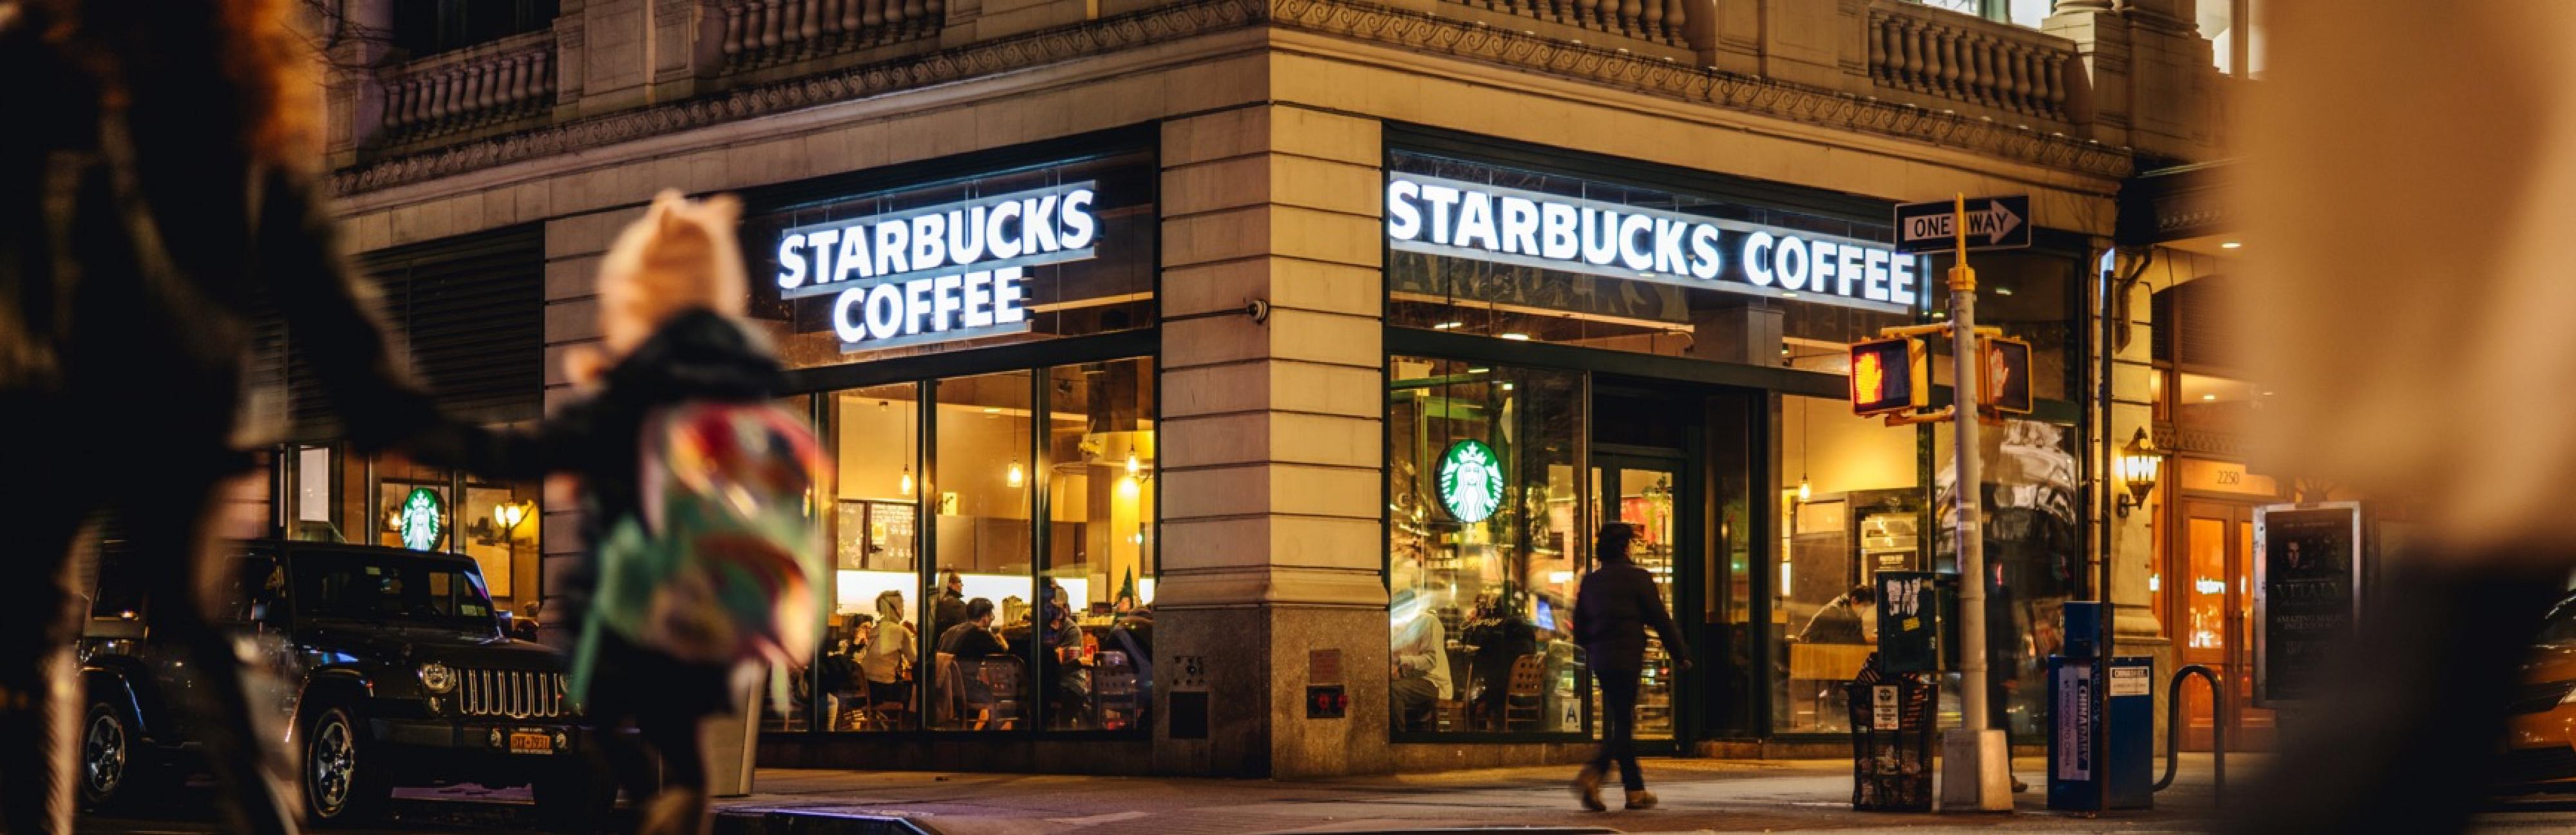 Kết quả hình ảnh cho Starbucks